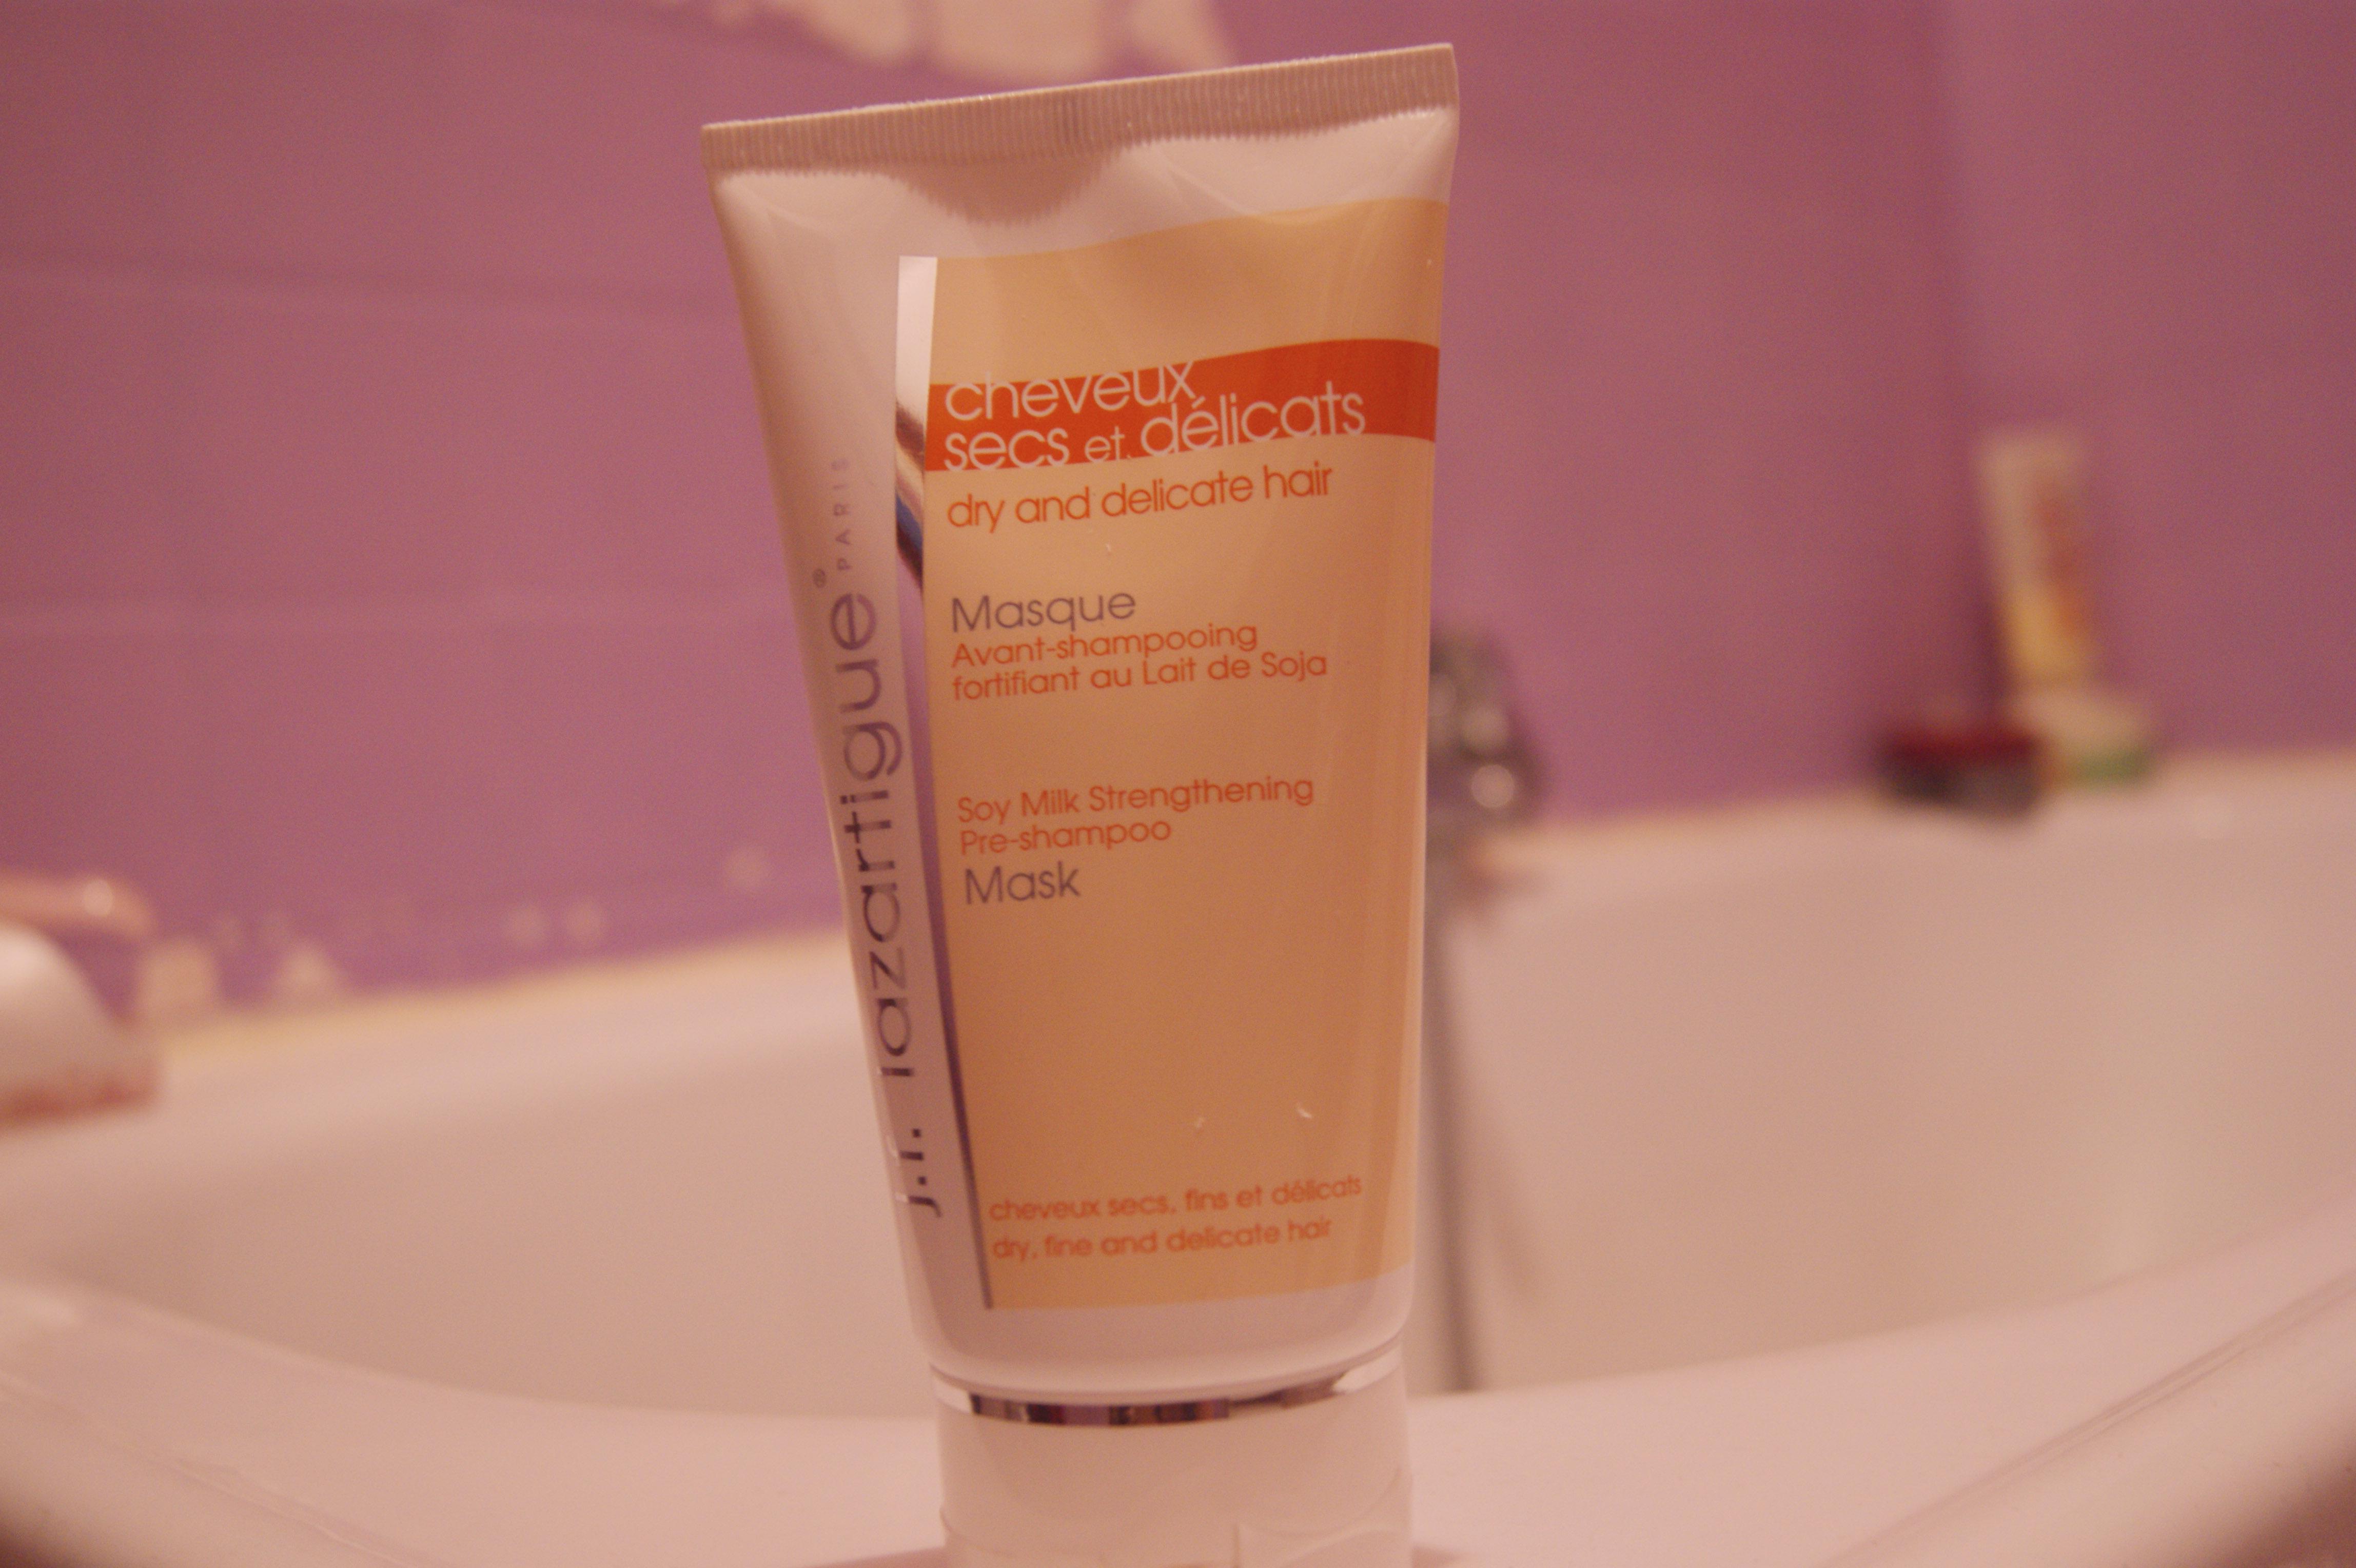 Produit : Masque Fortifiant avant shampoing au lait de soja. #B13C1A